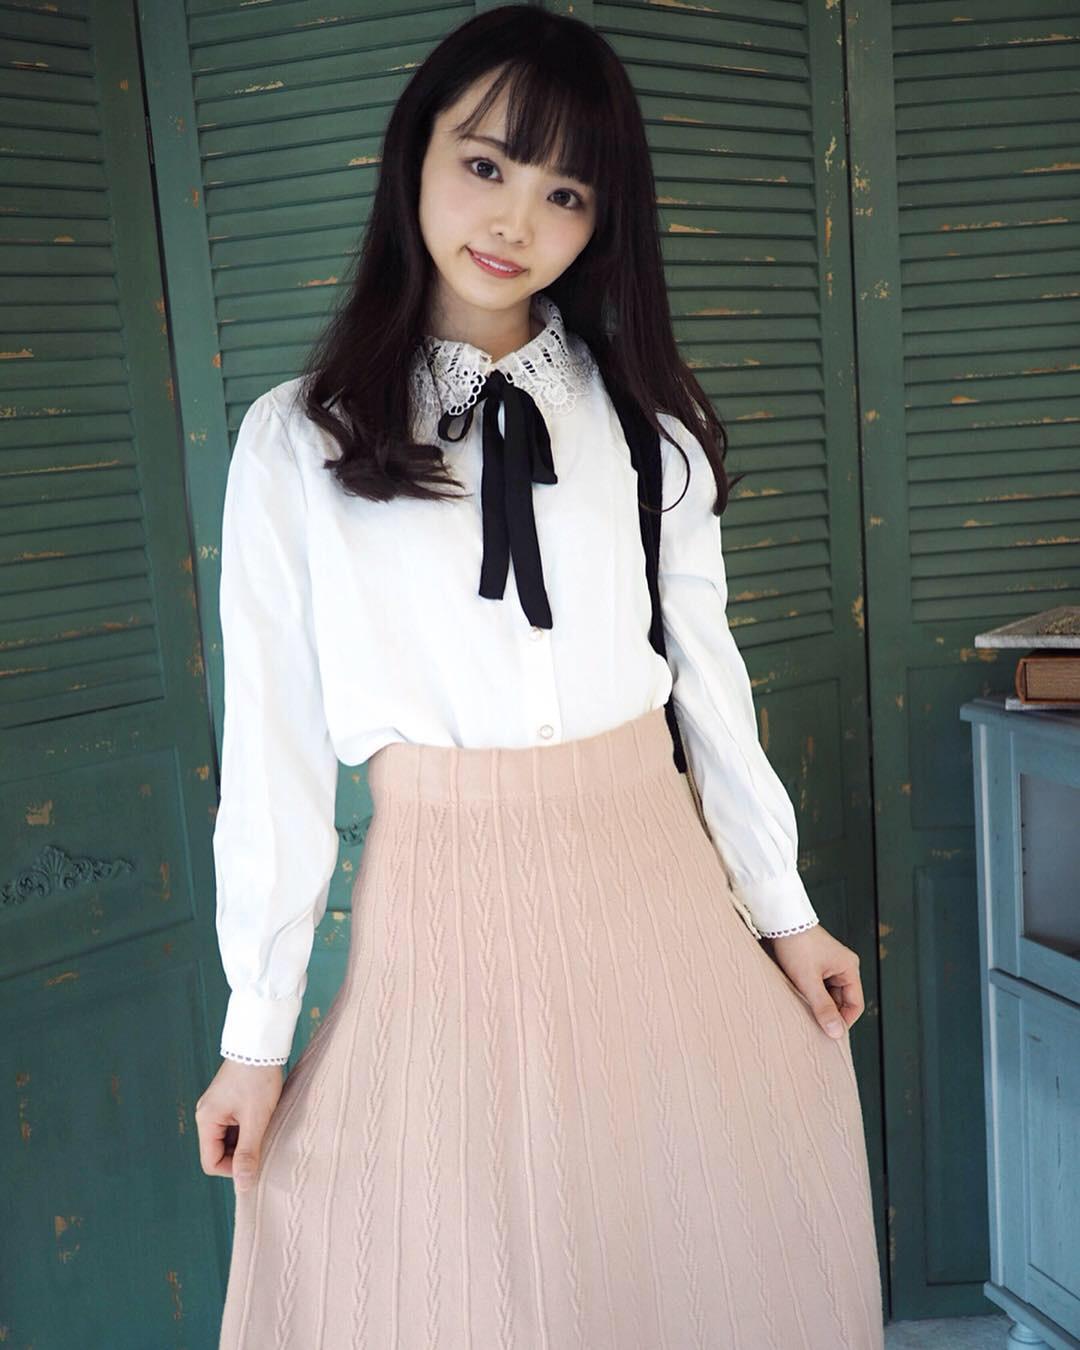 【プチプラ】10000円以下でオルチャンコーデが簡単に作れるmillea byh のガーリーなお洋服【春服】_6